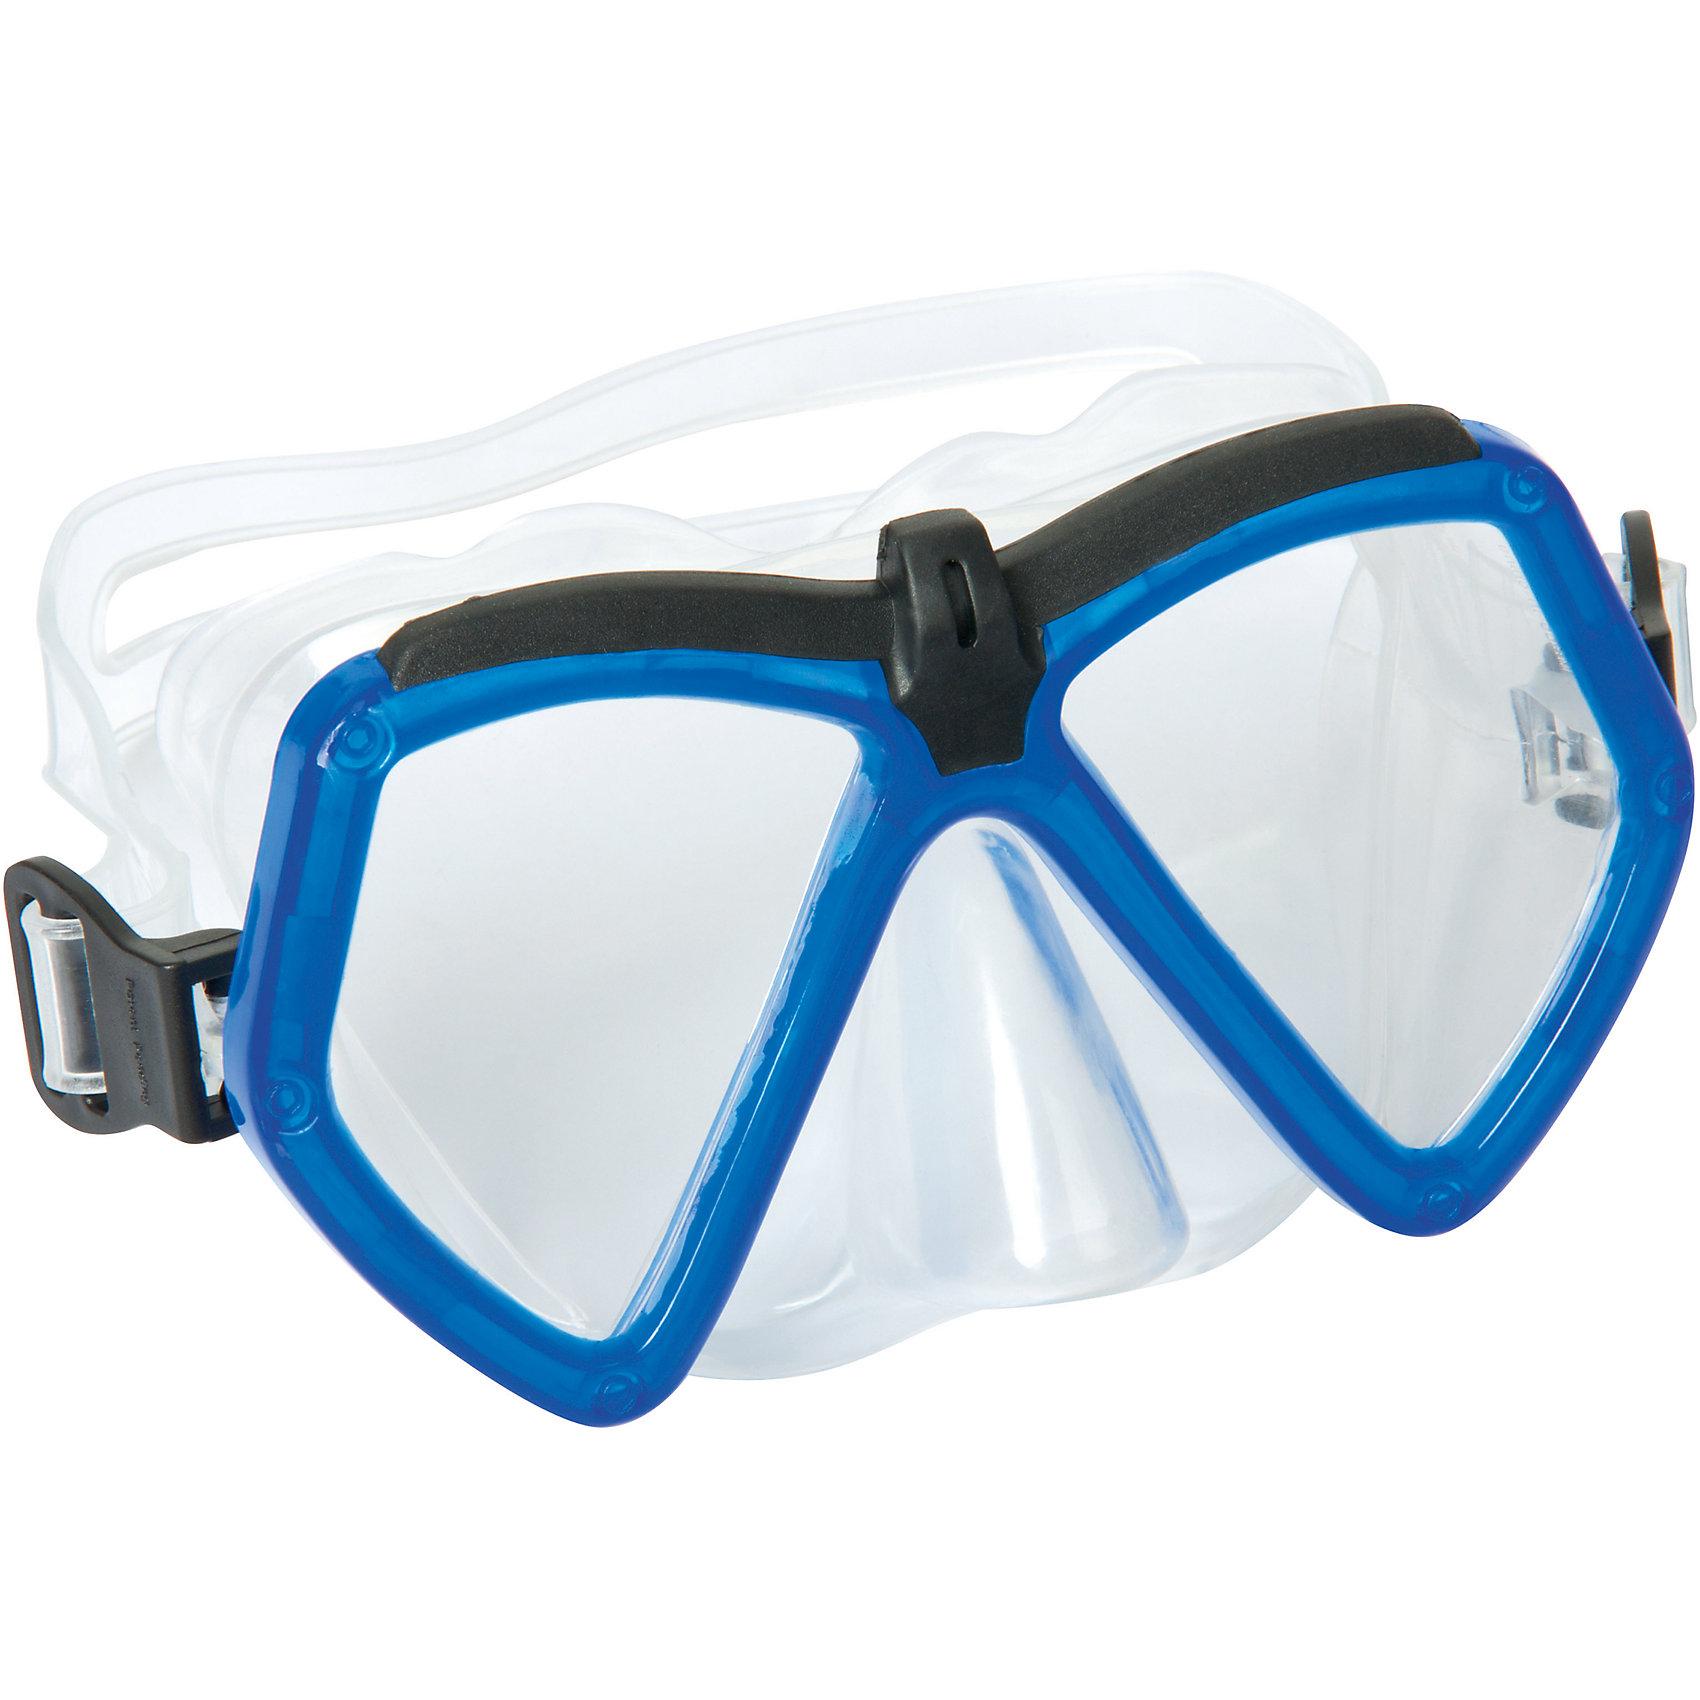 Детская маска для подводного плавания Море, Bestway, синийОчки, маски, ласты, шапочки<br>Детская маска для подводного плавания Море, Bestway (Бествей) с  поликарбонатными линзами угловатой формы. Маска имеет отдельно выполненный выступ для носа, что полностью исключает протекание. Силикон прозрачный, поэтому обзор у этой модели широкий.   Дополнительная информация:  - В комплекте: маска для плавания Бествей - Материал: ударопрочный поликарбонат - Уплотнитель: силикон - Регулируемый ремешок для обхвата головы.  Детскую маску для подводного плавания Море, Bestway (Бествей) можно купить в нашем интернет-магазине.<br><br>Ширина мм: 216<br>Глубина мм: 164<br>Высота мм: 86<br>Вес г: 154<br>Возраст от месяцев: 72<br>Возраст до месяцев: 144<br>Пол: Унисекс<br>Возраст: Детский<br>SKU: 4829108